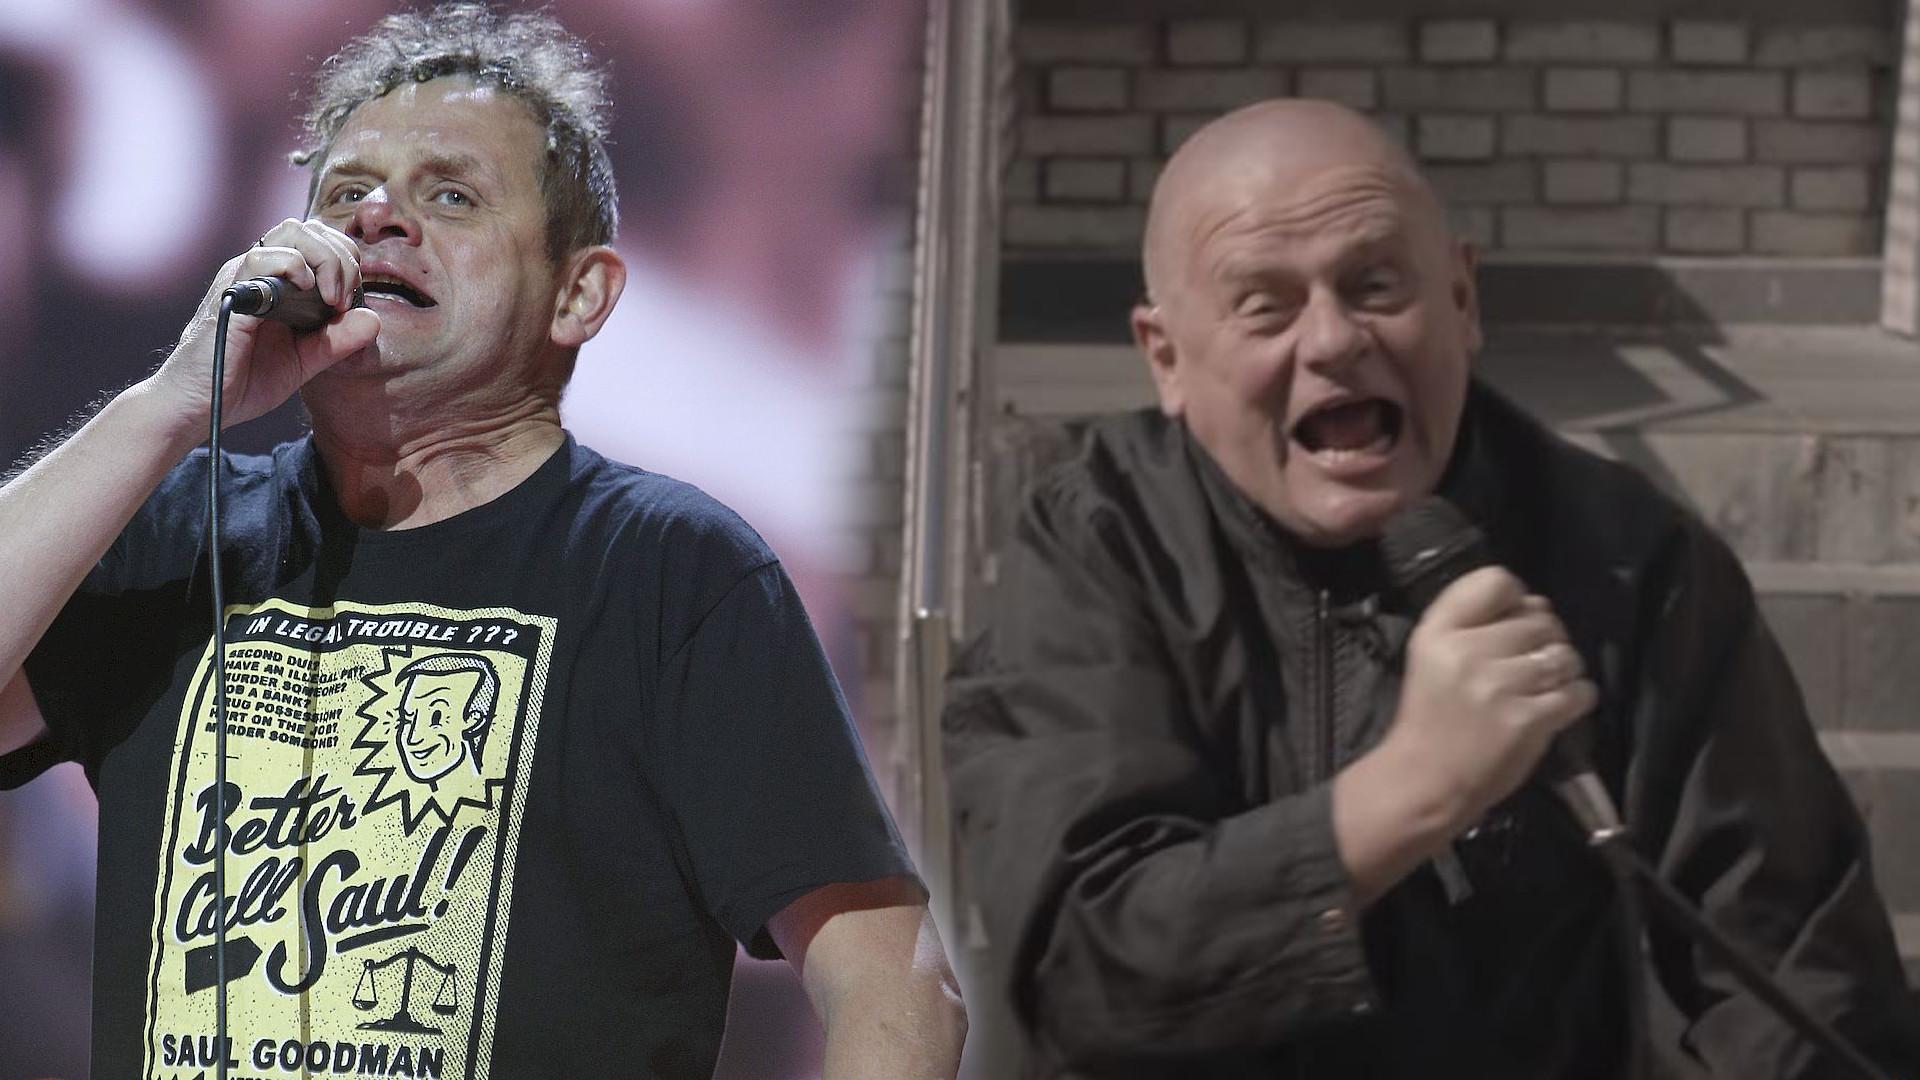 Kazik Staszewski skontaktował się z Polskim Radiem i ŻĄDA natychmiastowego usunięcia jego piosenki z listy przebojów Trójki